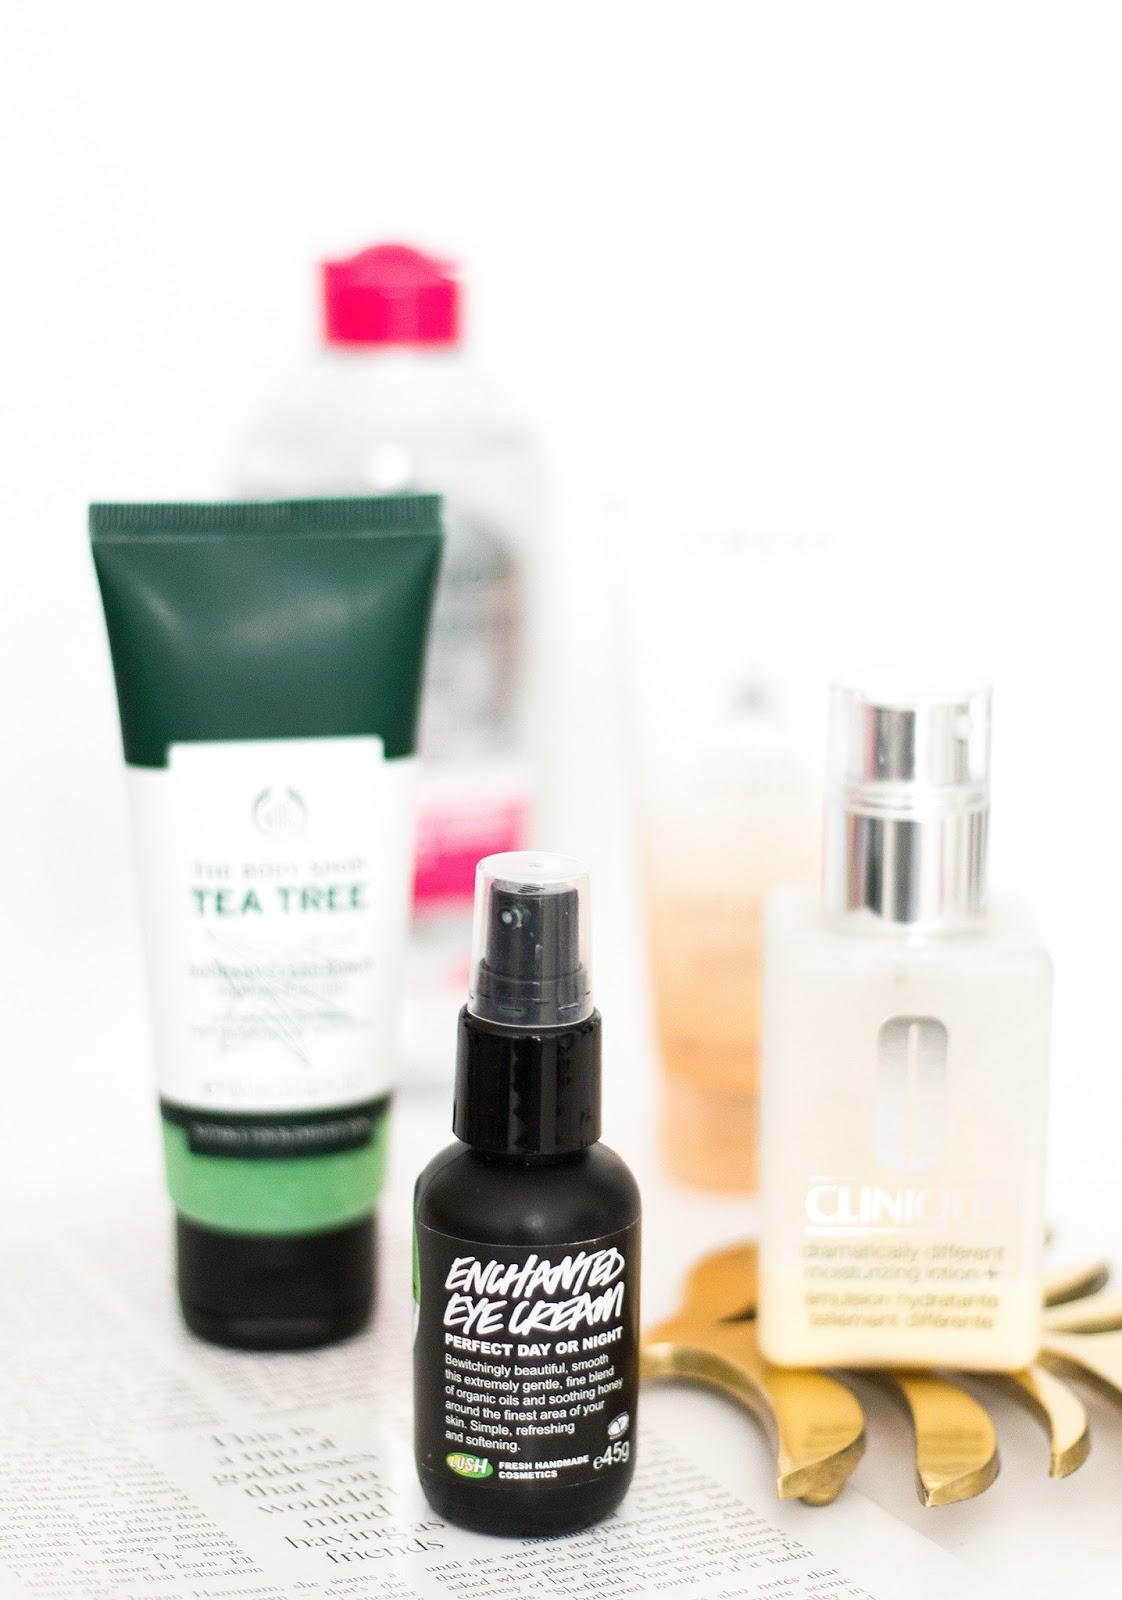 Skincare products   Lush enchanted eye cream